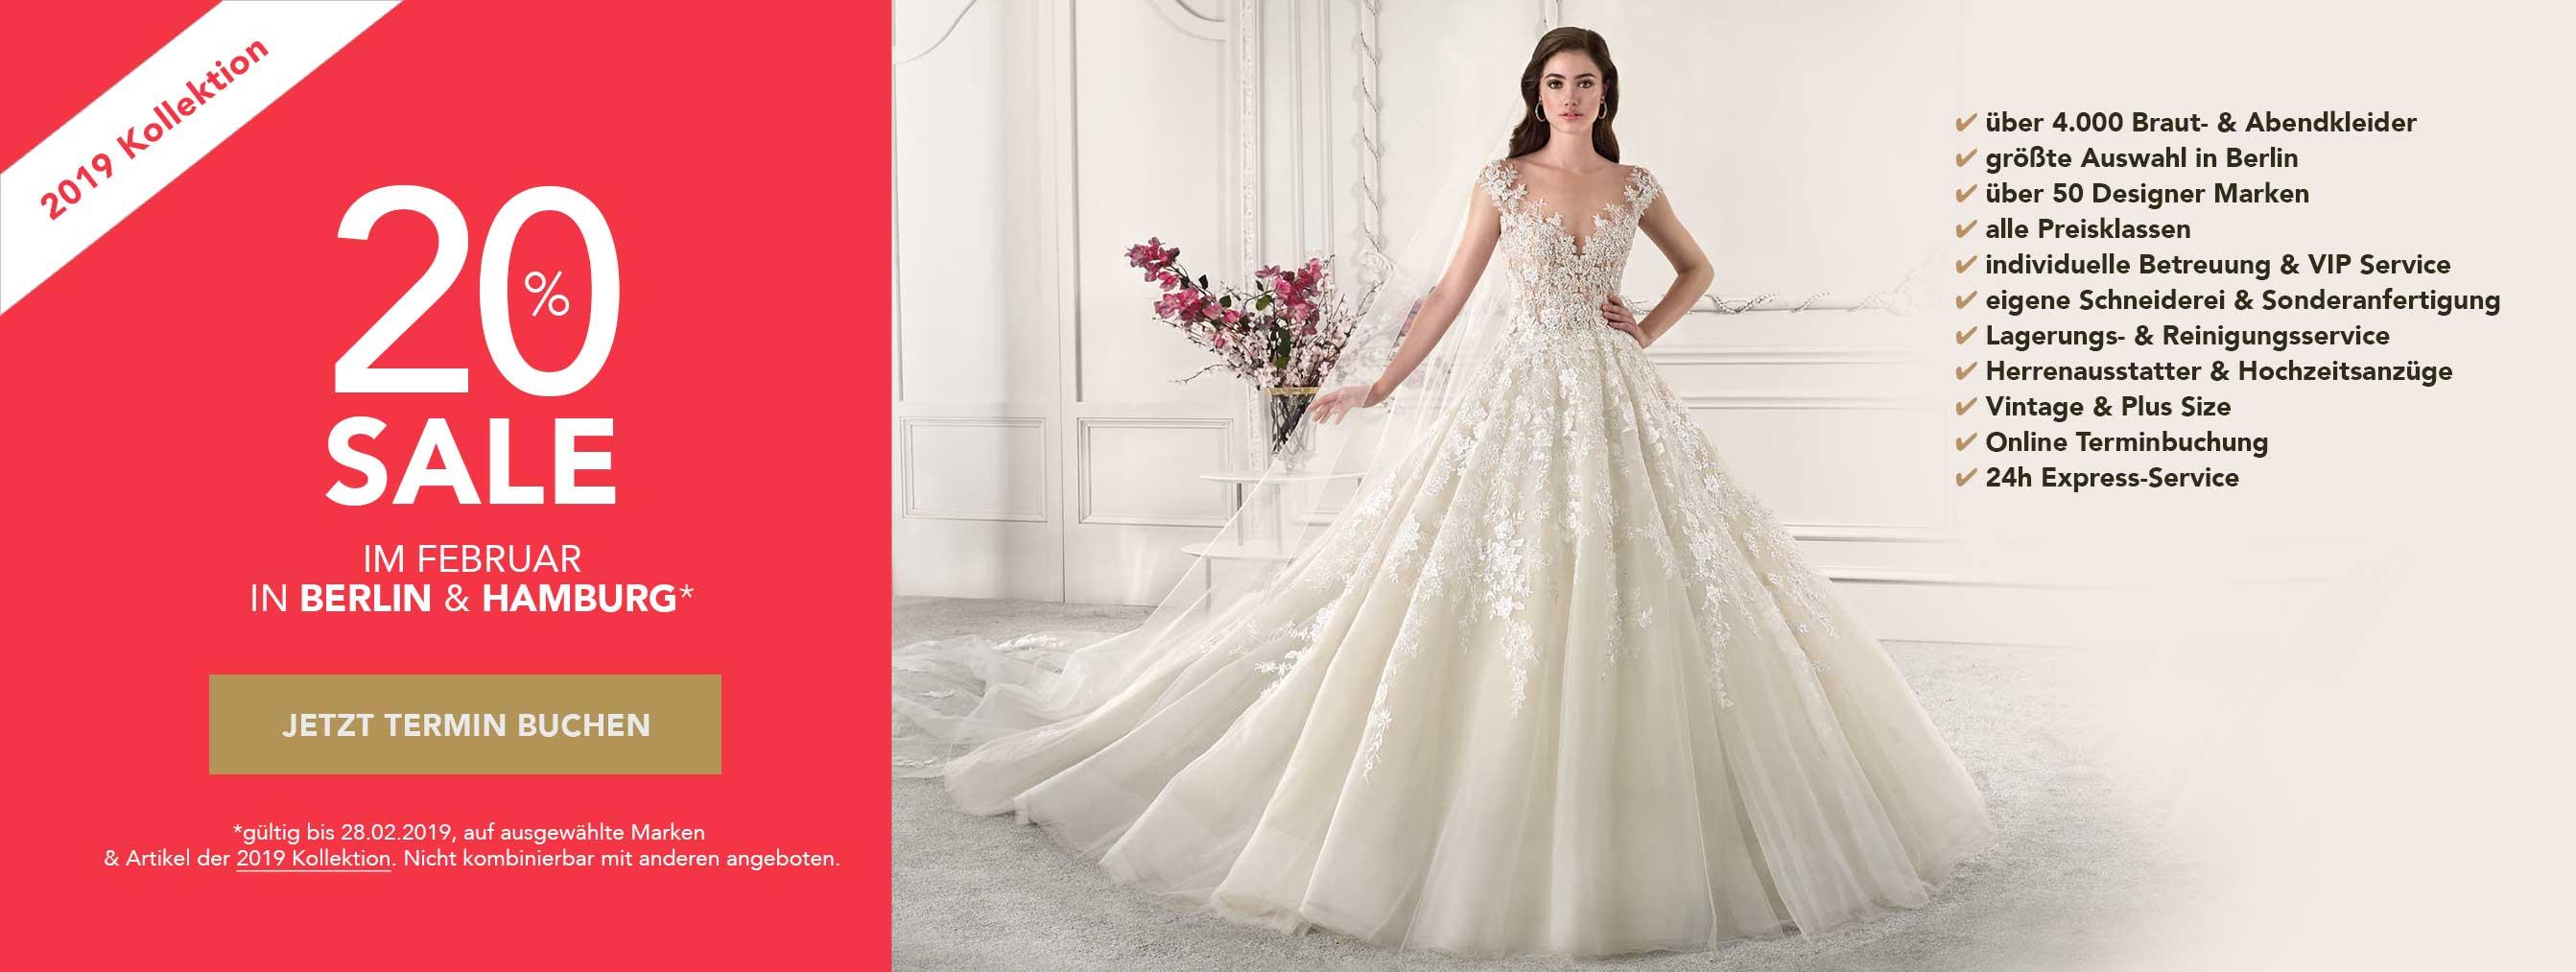 Balayi Brautmoden - Brautkleider, Hochzeitskleider, Abiballkleider, Abendkleider und Hochzeitsanzüge in Berlin und Hamburg